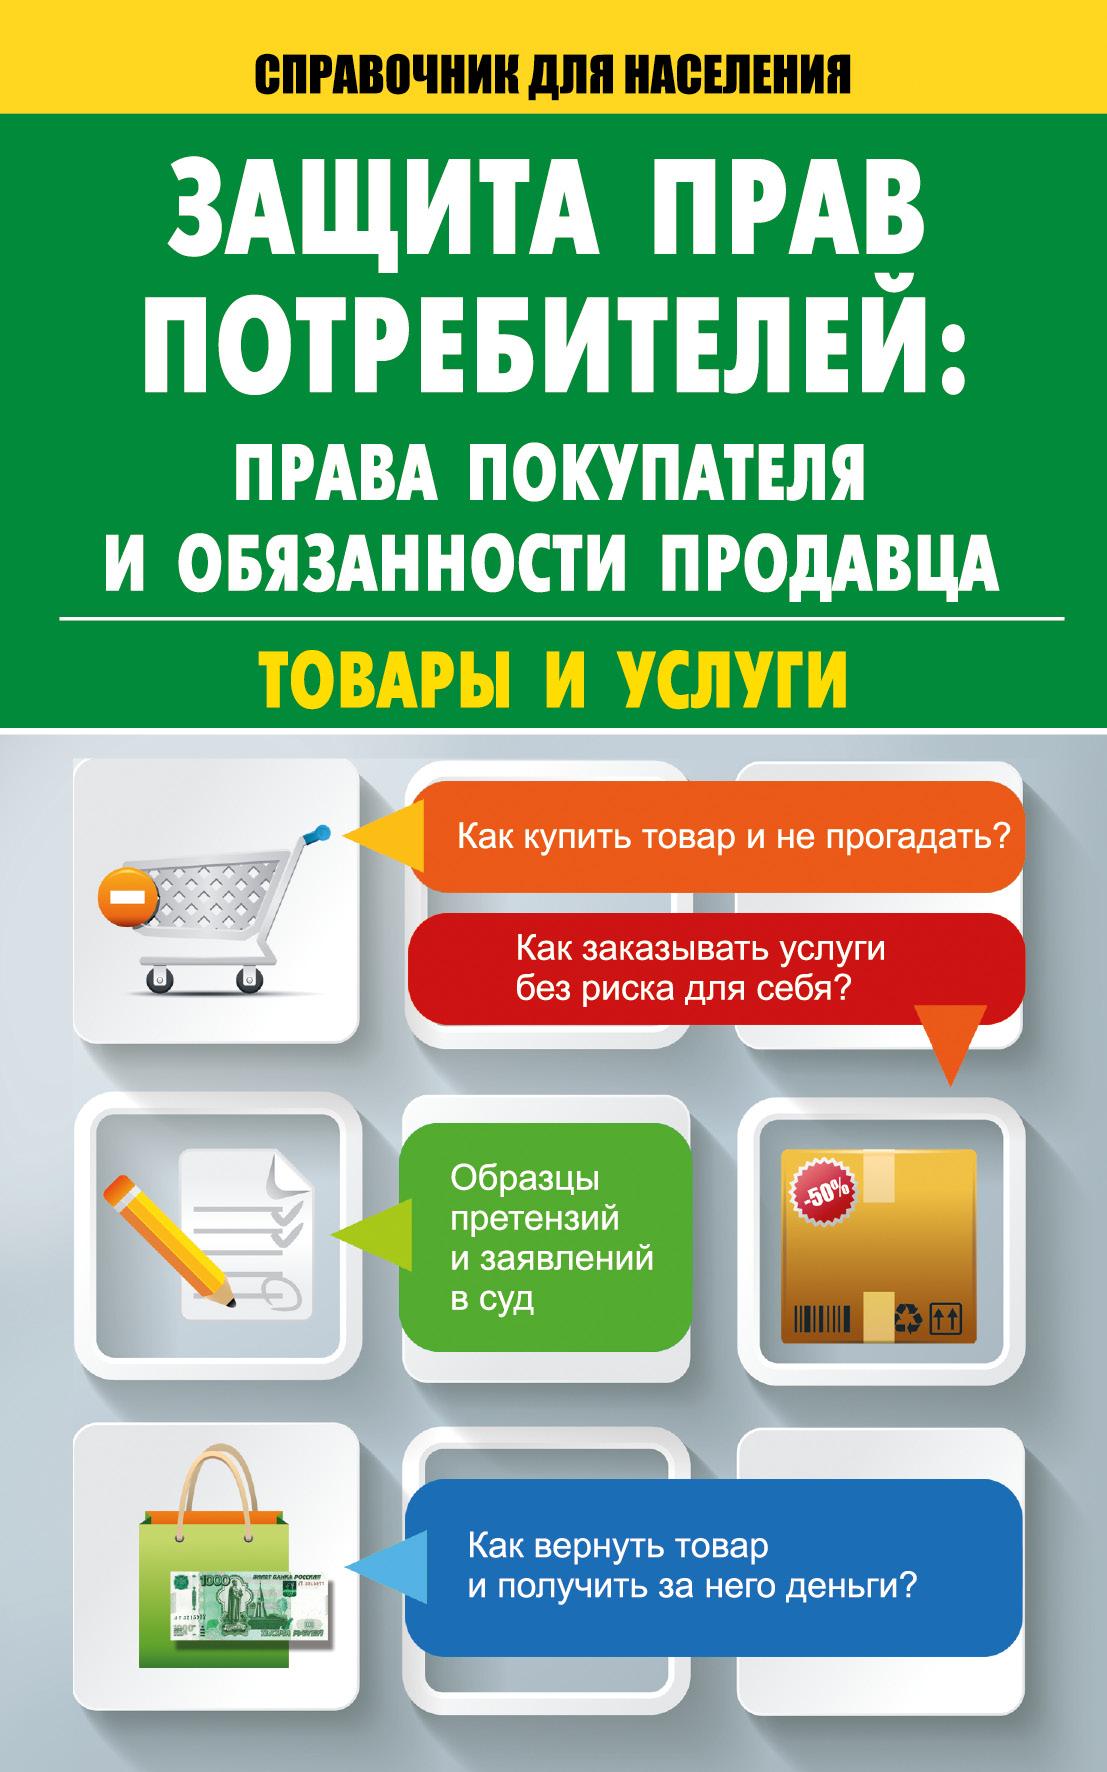 Защита прав потребителей: права покупателя и обязанности продавца. Товары и услуги ( Кузьмина М.В.  )